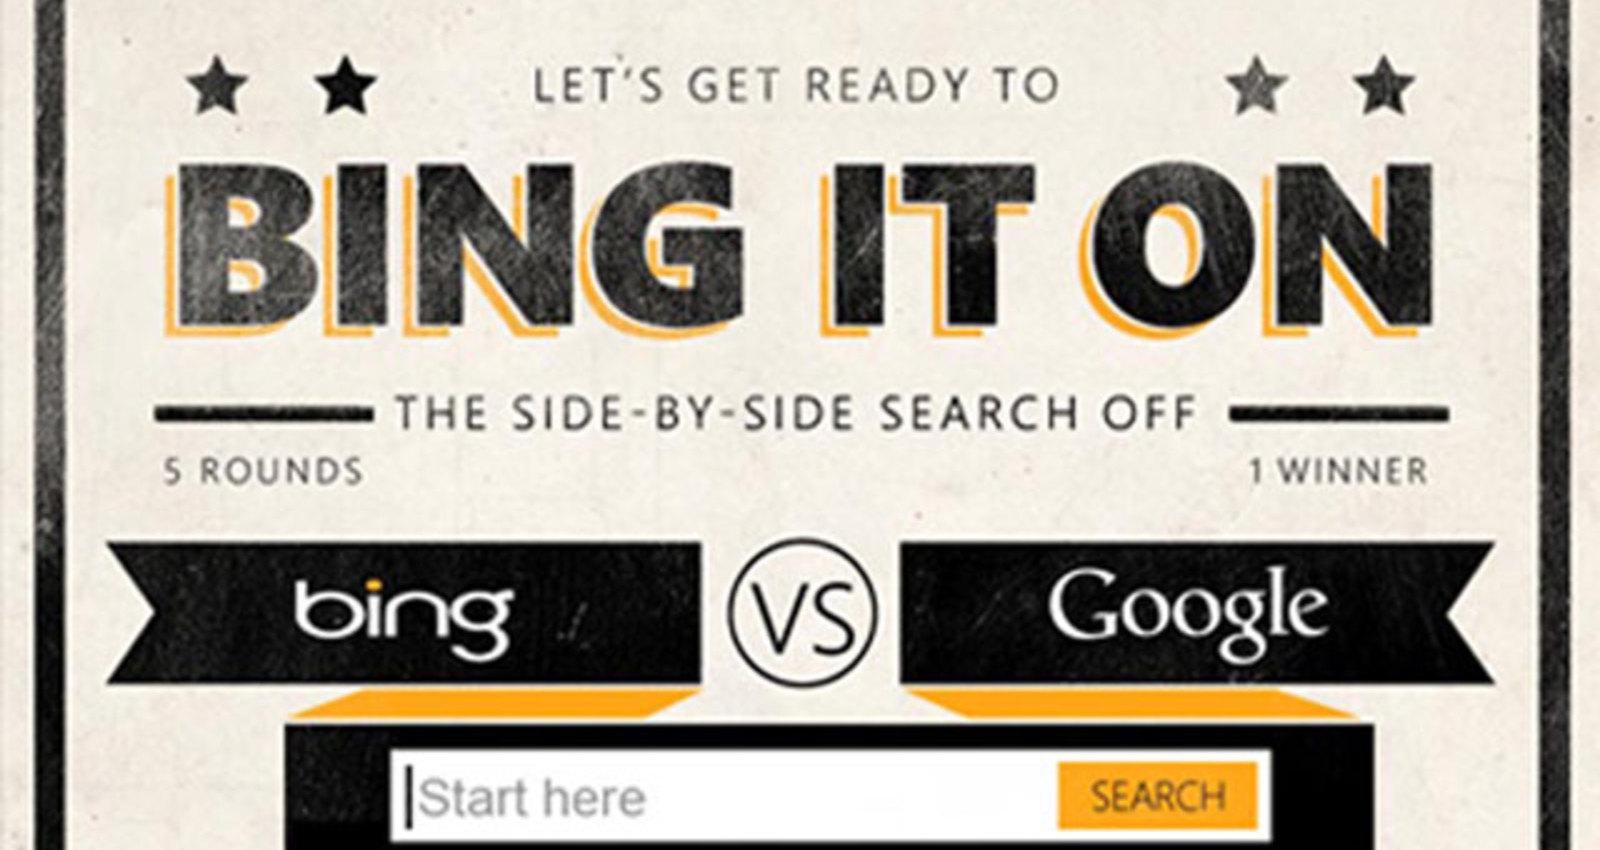 Bing It On